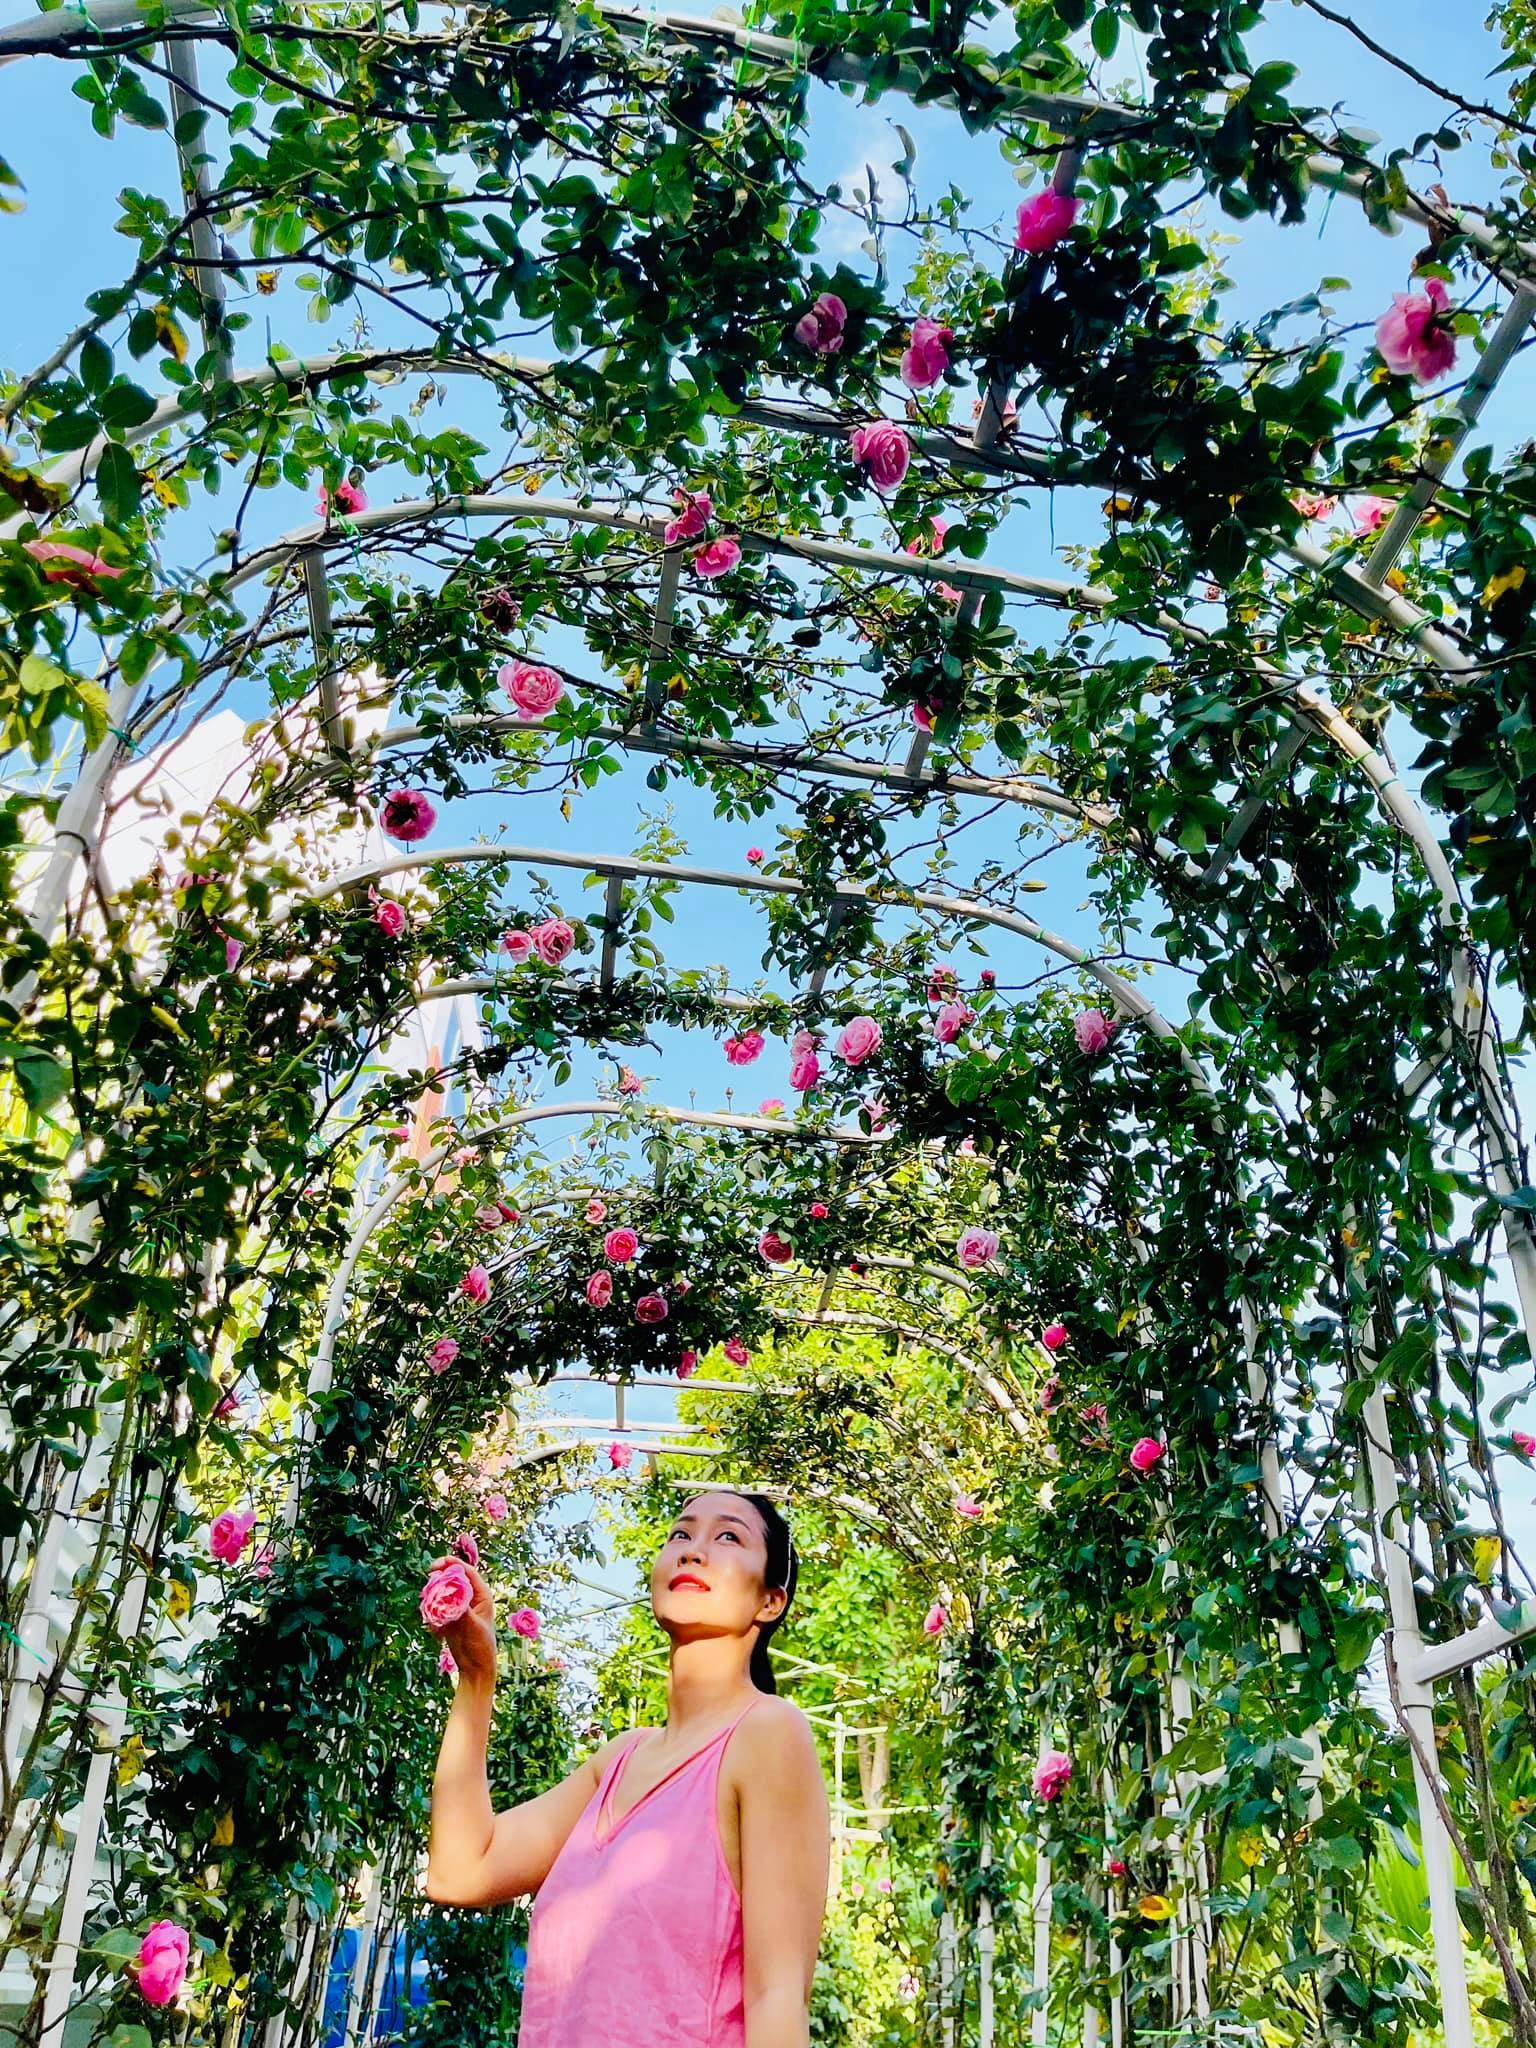 Ốc Thanh Vân bên dàn hoa hồng leo Pháp Emmanuelle nhà trồng bung nở, trông như nhà có cổng hoa đám cưới.